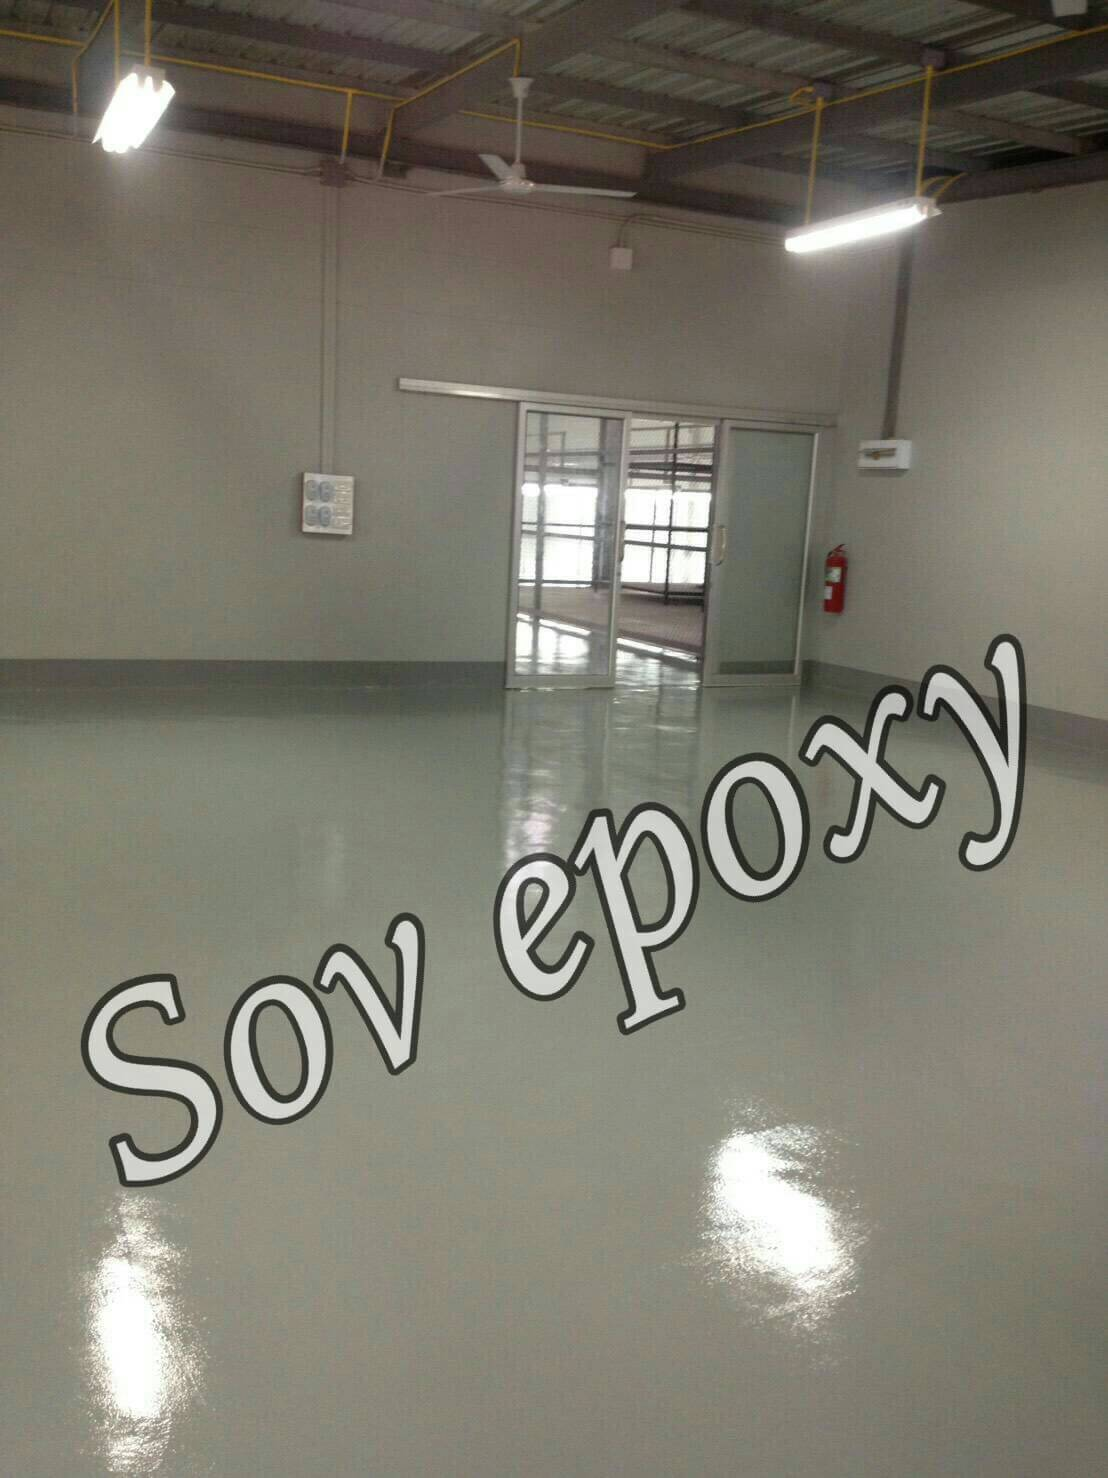 งานพื้น Epoxy Coating โครงการโรงงานนิสา ผลิตชุดชั้นใน จ.กาญจบุรี พื้นที่ 1,900 ตรม 1